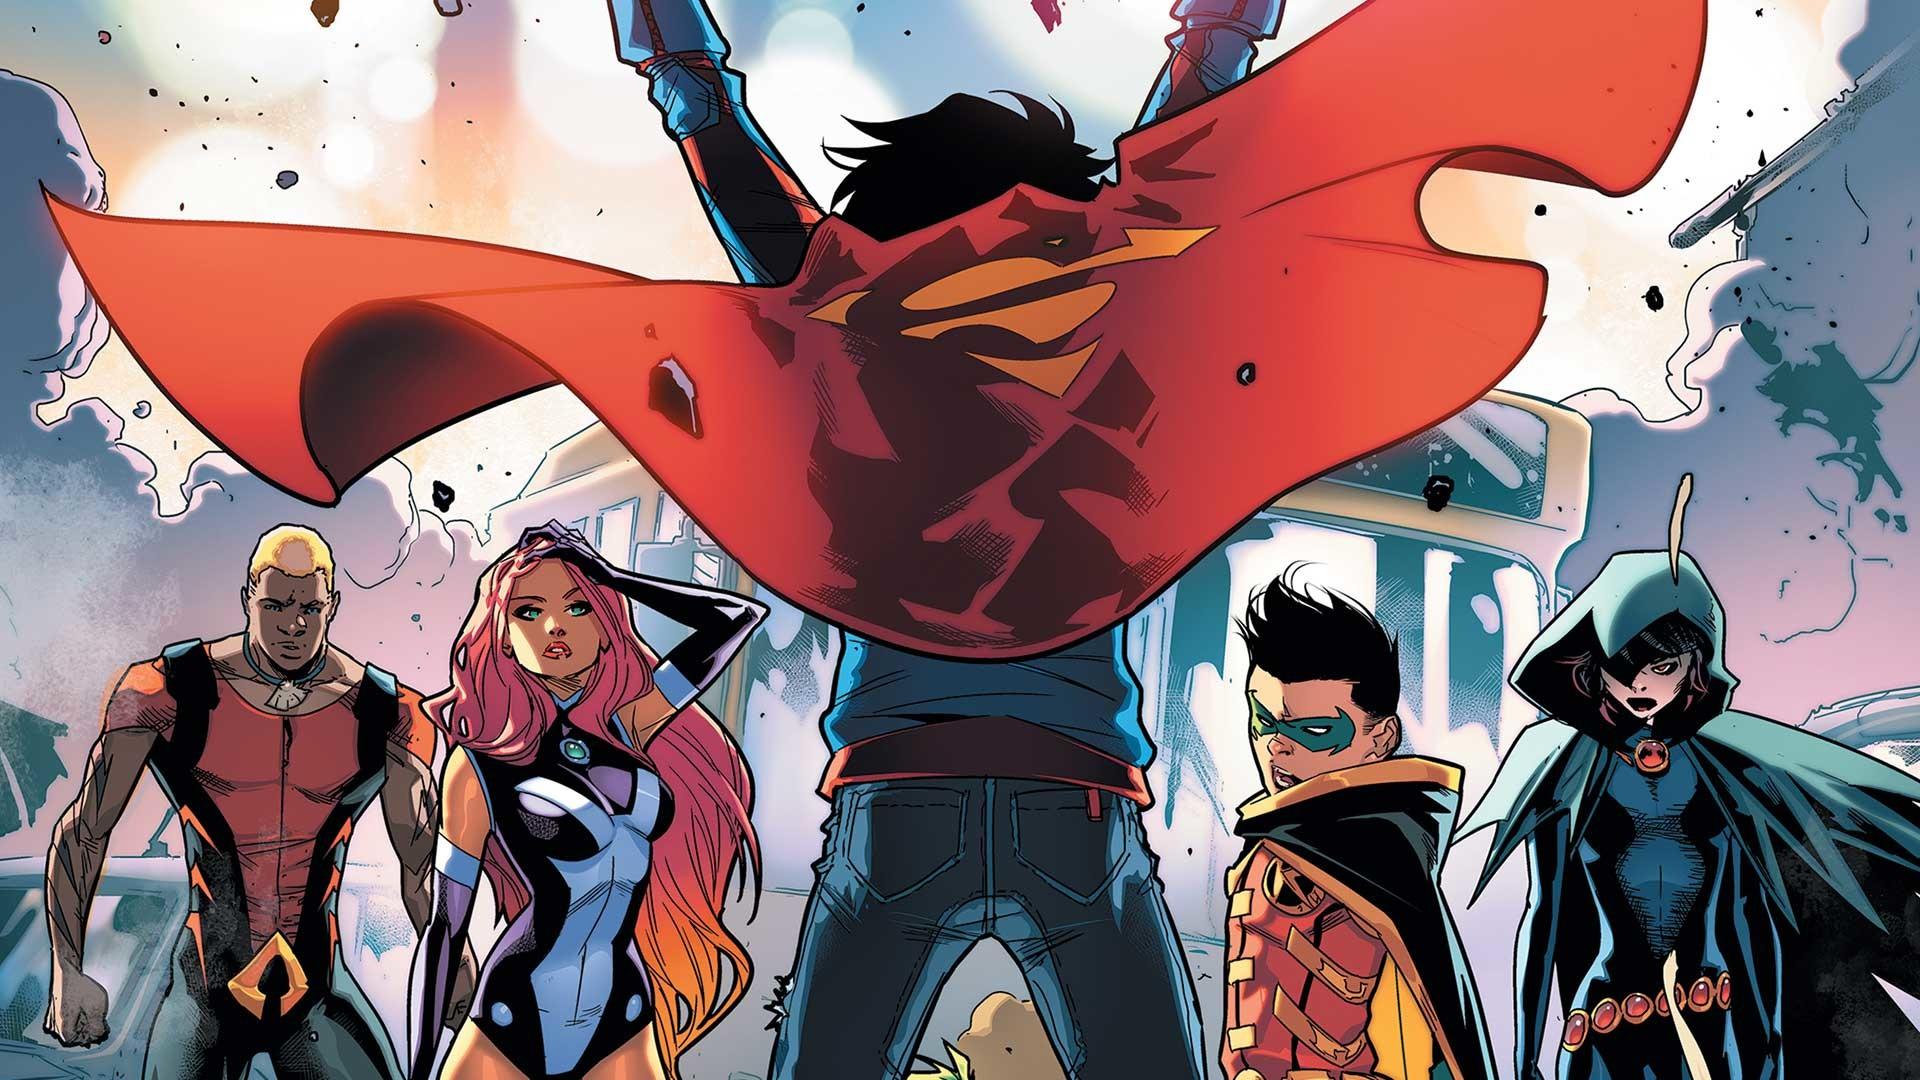 Raven Teen Titans DC Comics Wallpaper (73+ images)